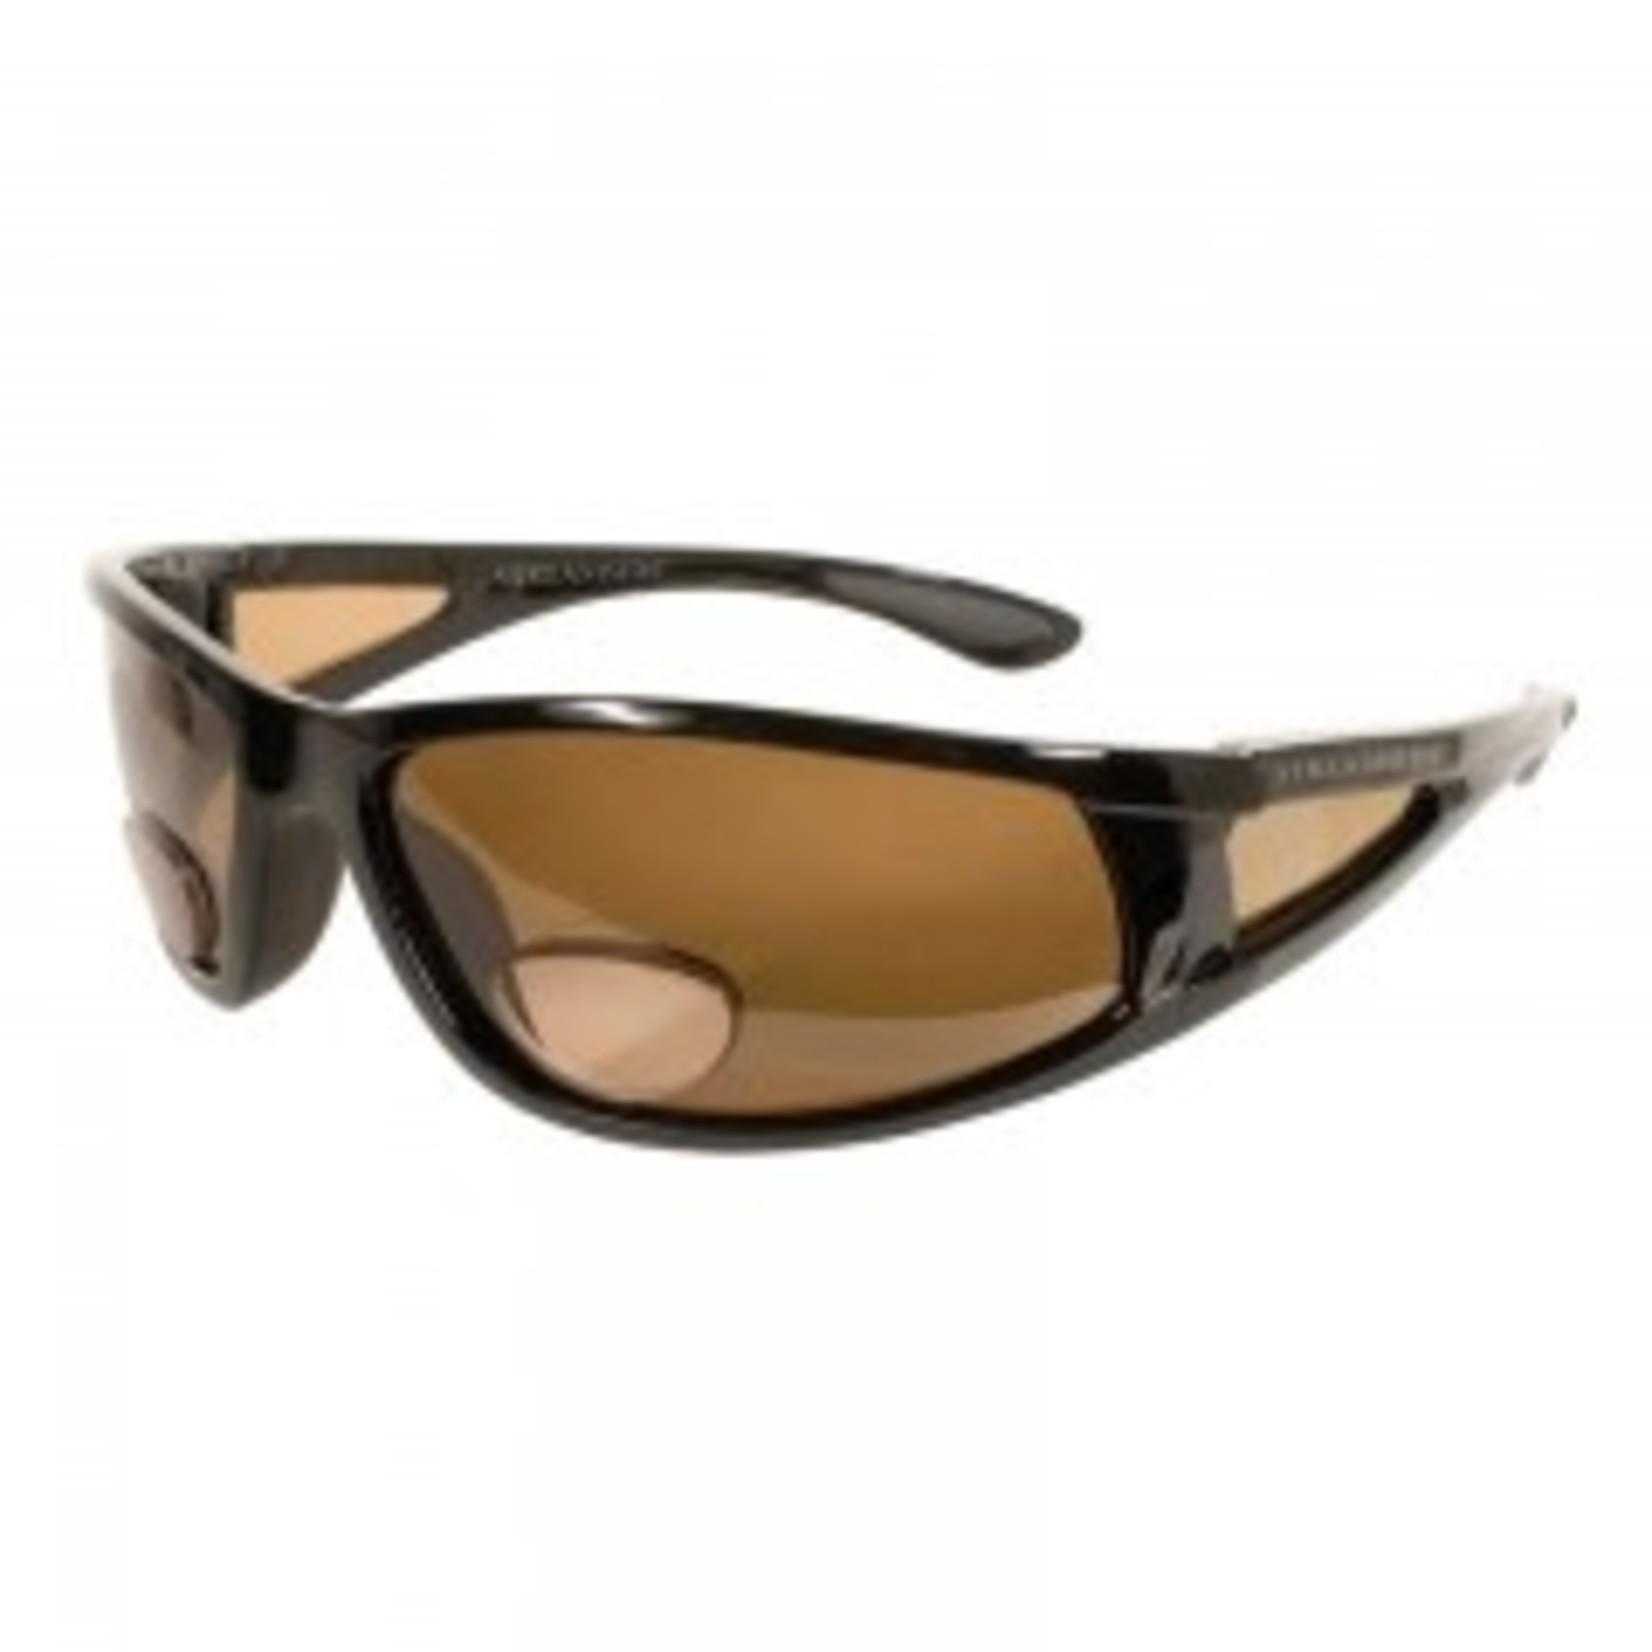 Bi-Focal Sunglasses 2.00-BROWN